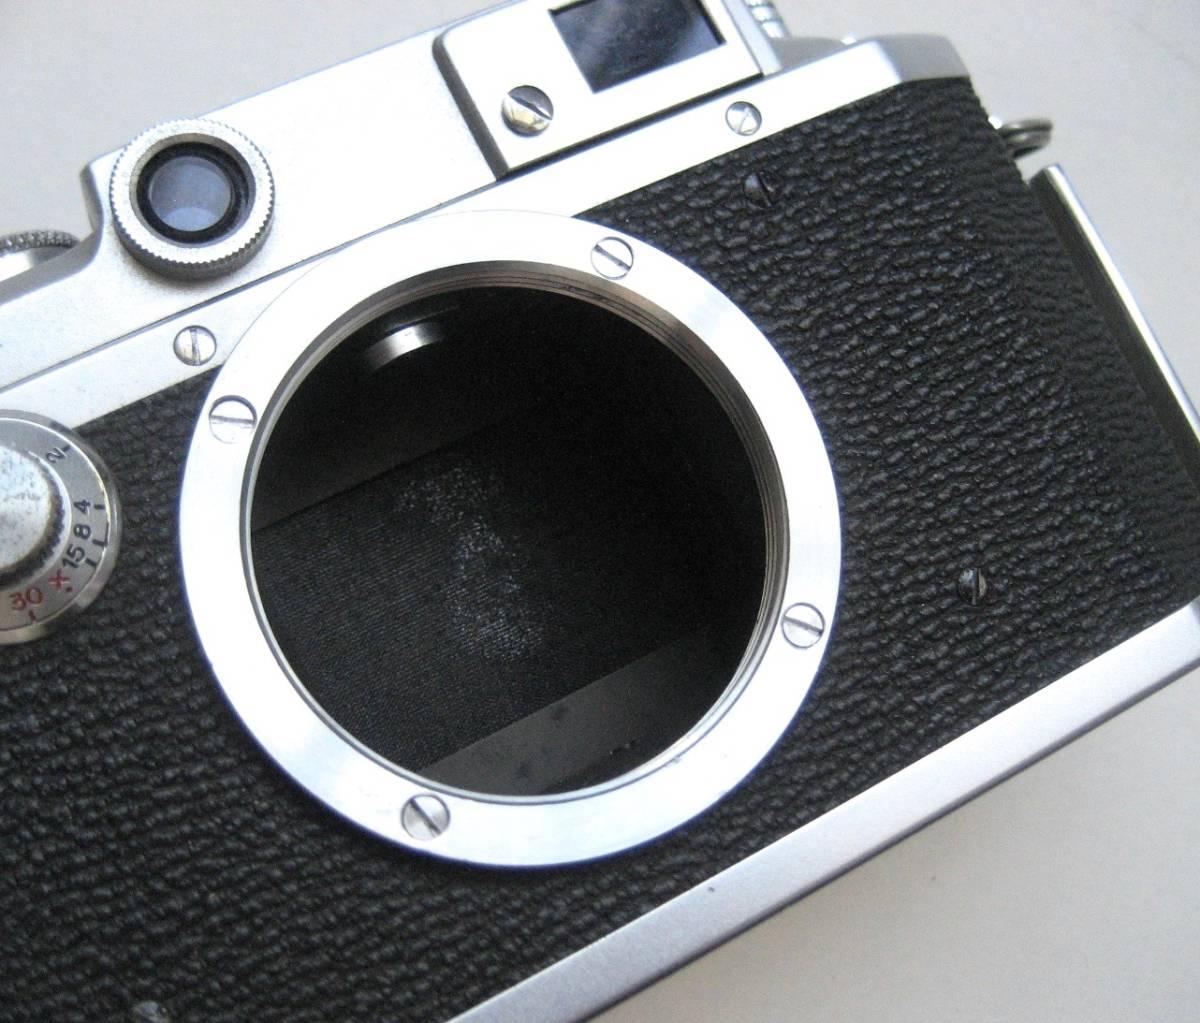 Canon 堅牢な実用機 キヤノンⅡSボディ_画像5